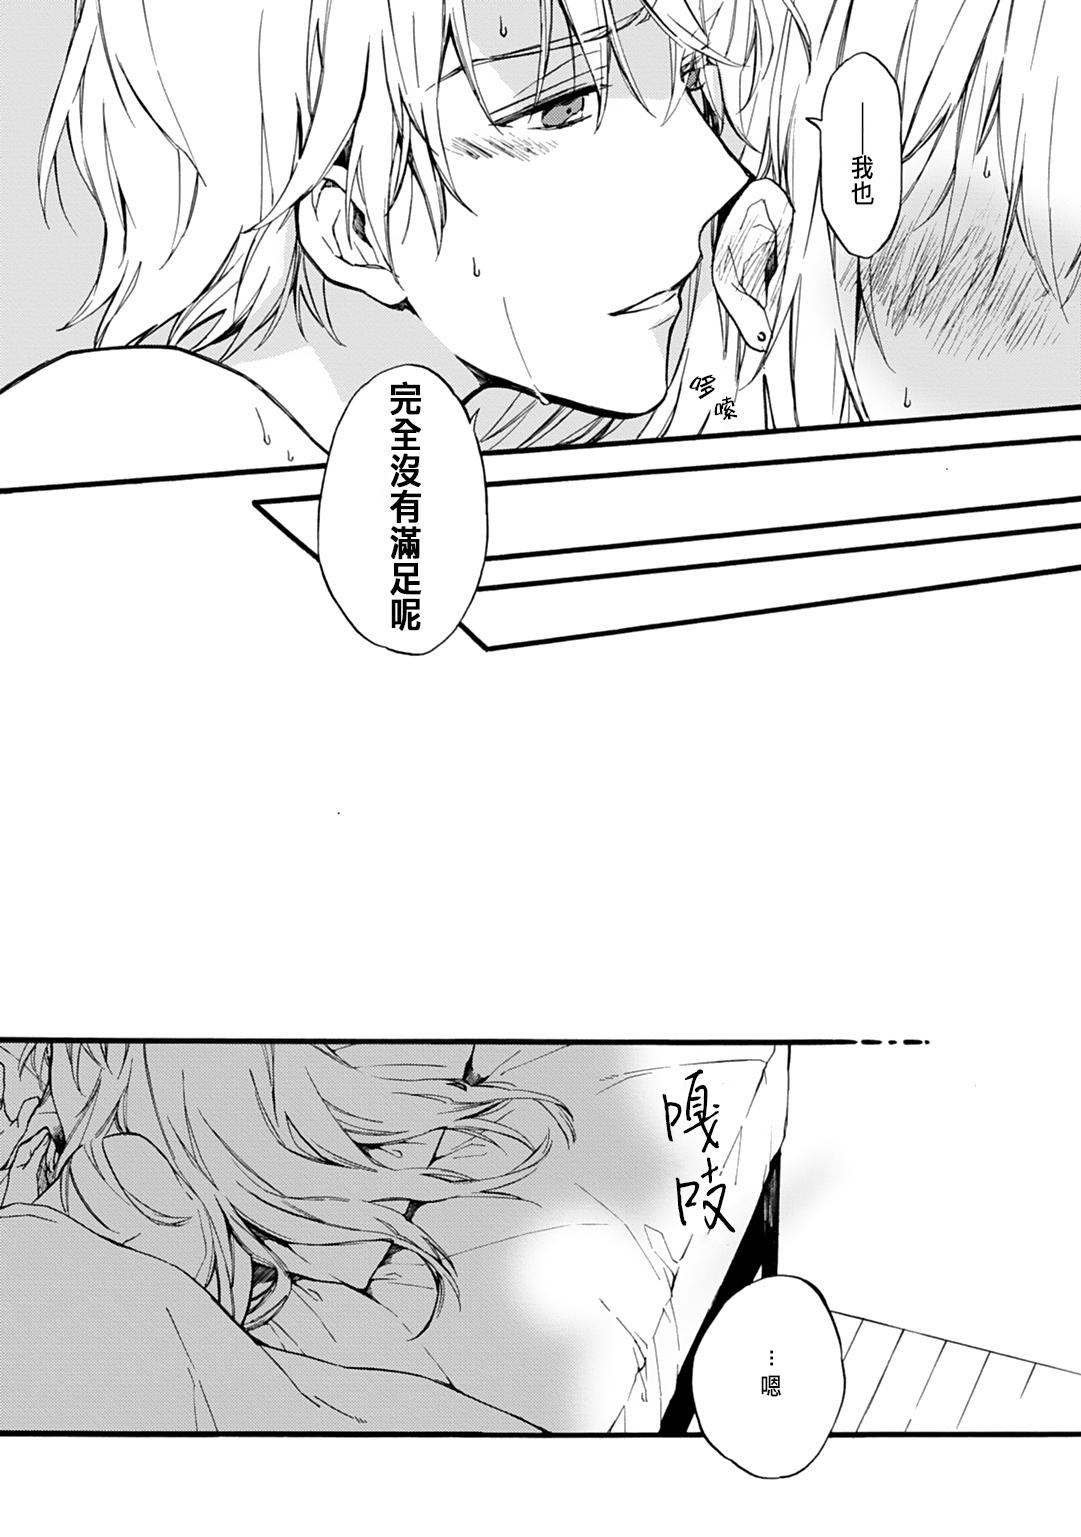 [Suzushiro Nerita] Otomege (18-kin) de Nyotaika shita Ore wa ~Clear Jouken wa Dekiai Ecchi!?~ 1-3 [Chinese] 86